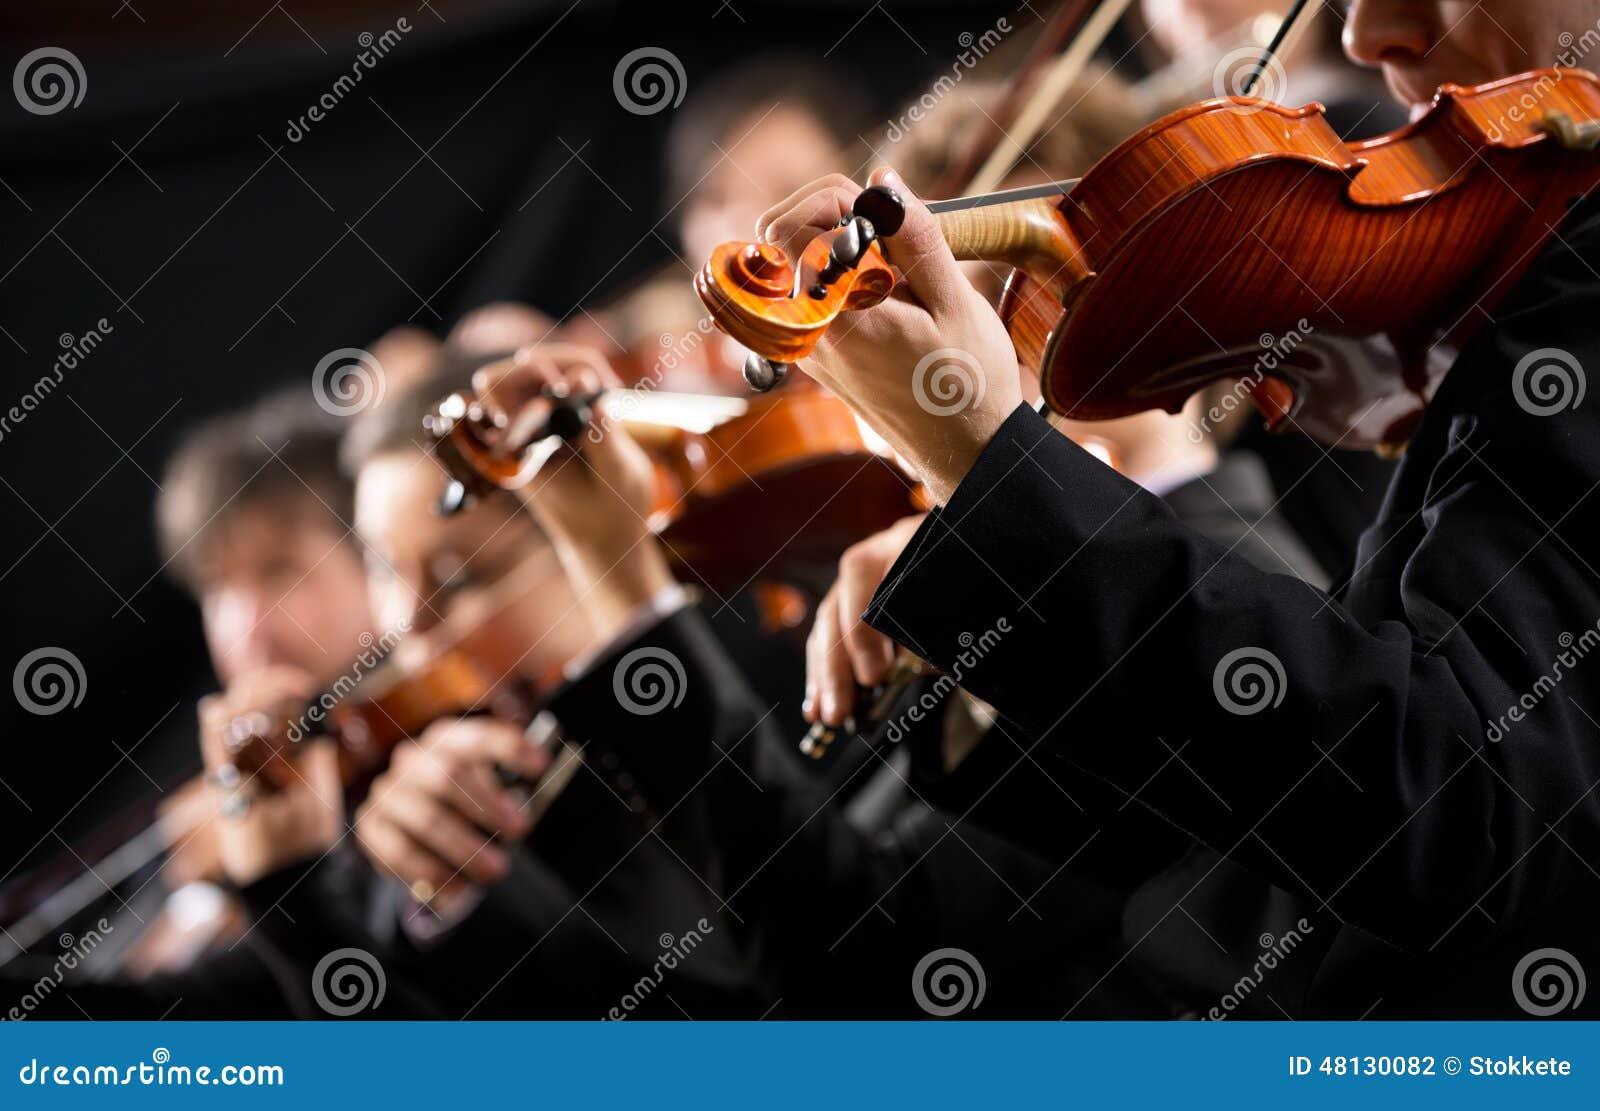 Första fiolavsnitt för orkester